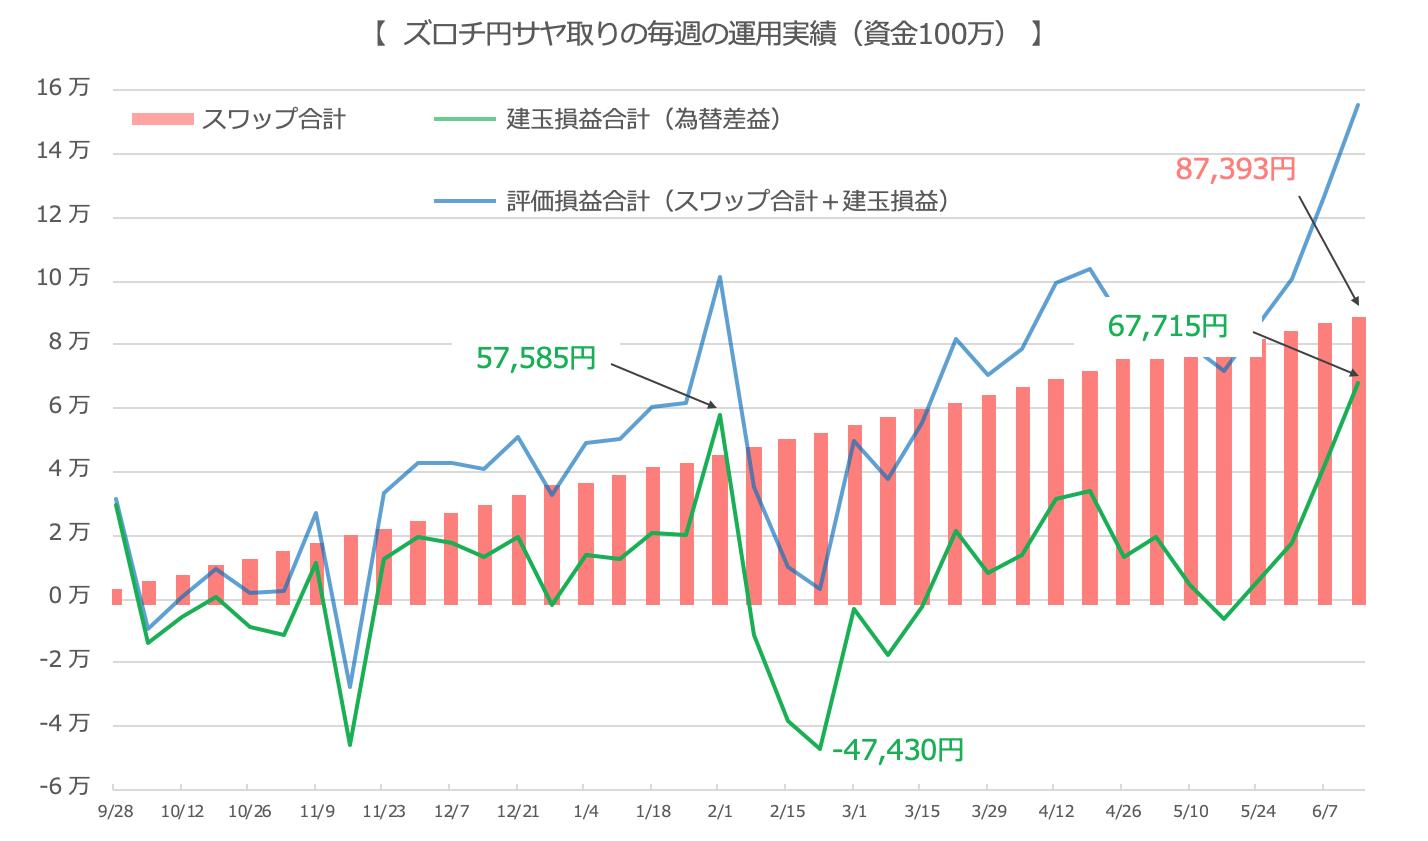 ズロチ資産推移グラフ